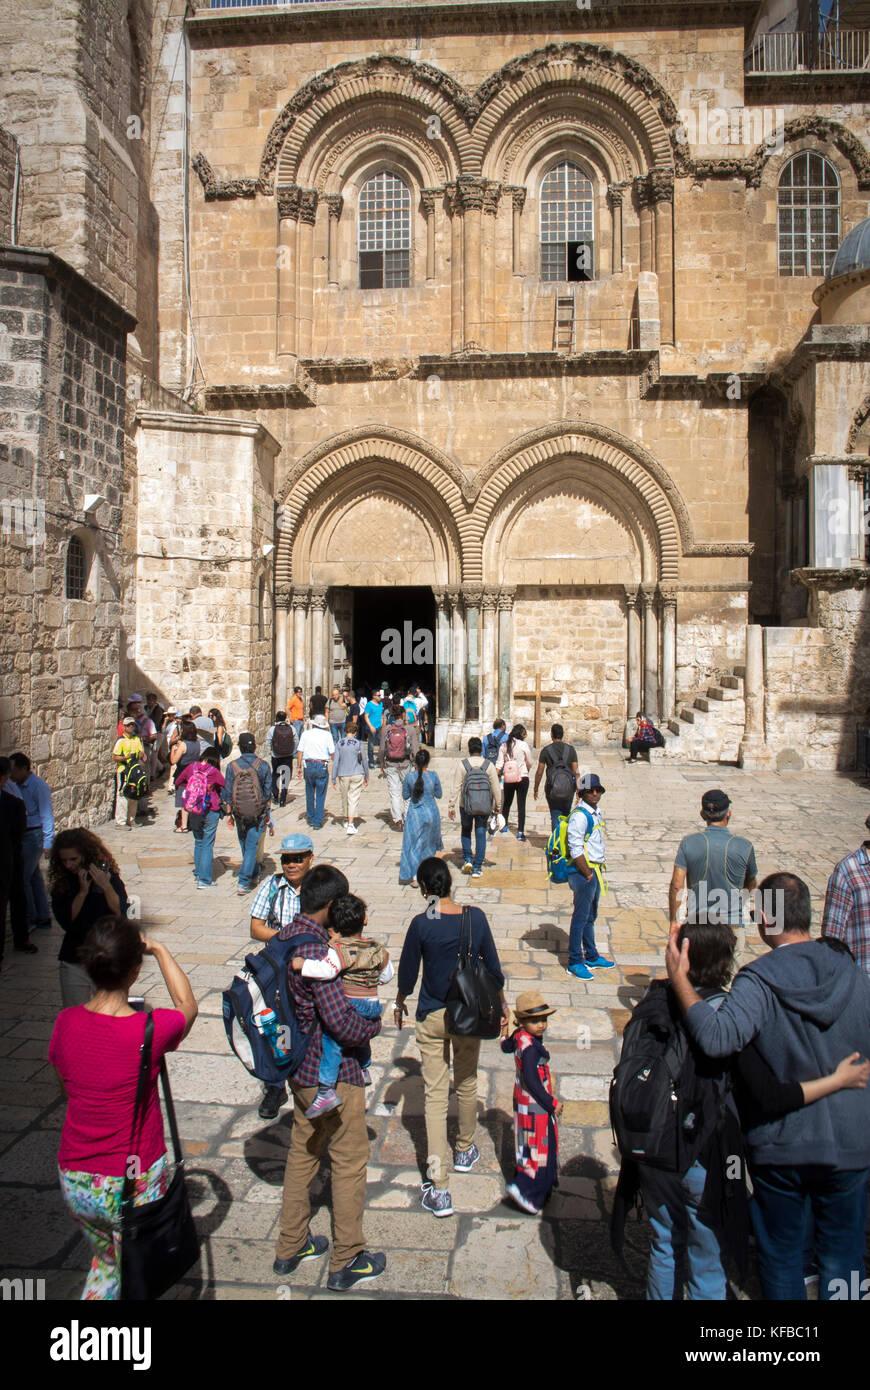 Ingresso alla chiesa del Santo Sepolcro, la Città Vecchia di Gerusalemme. Immagini Stock